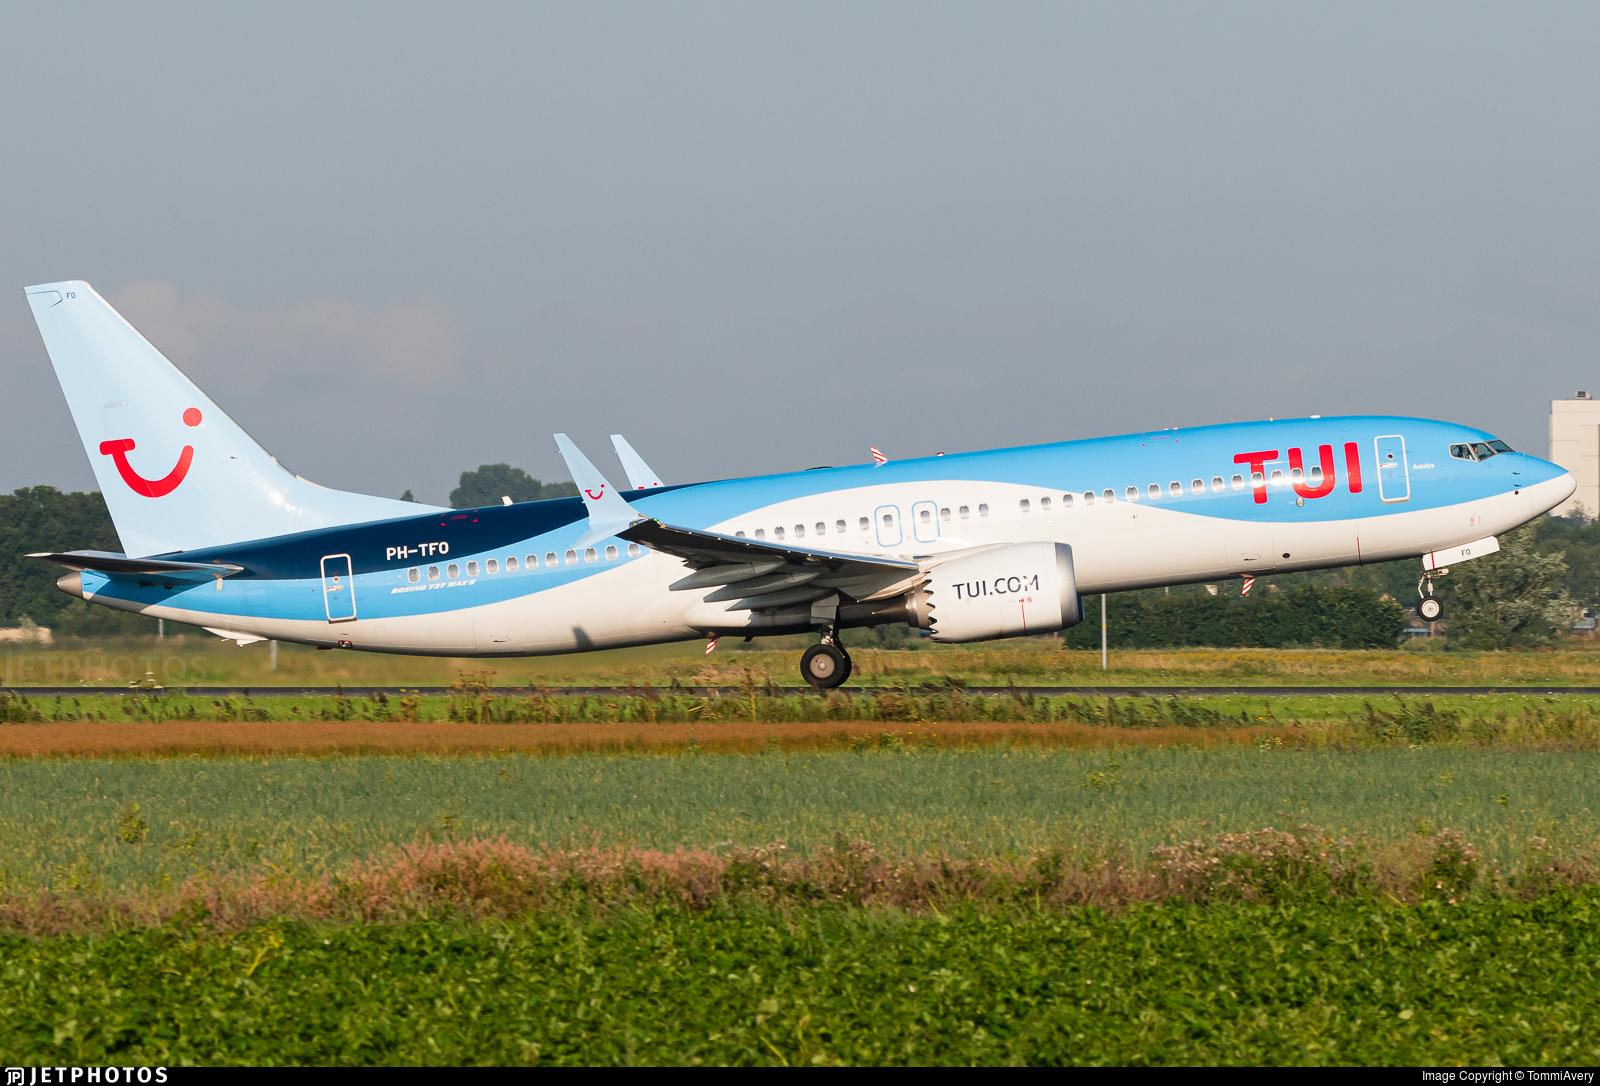 PH-TFO - Boeing 737-8 MAX - TUI